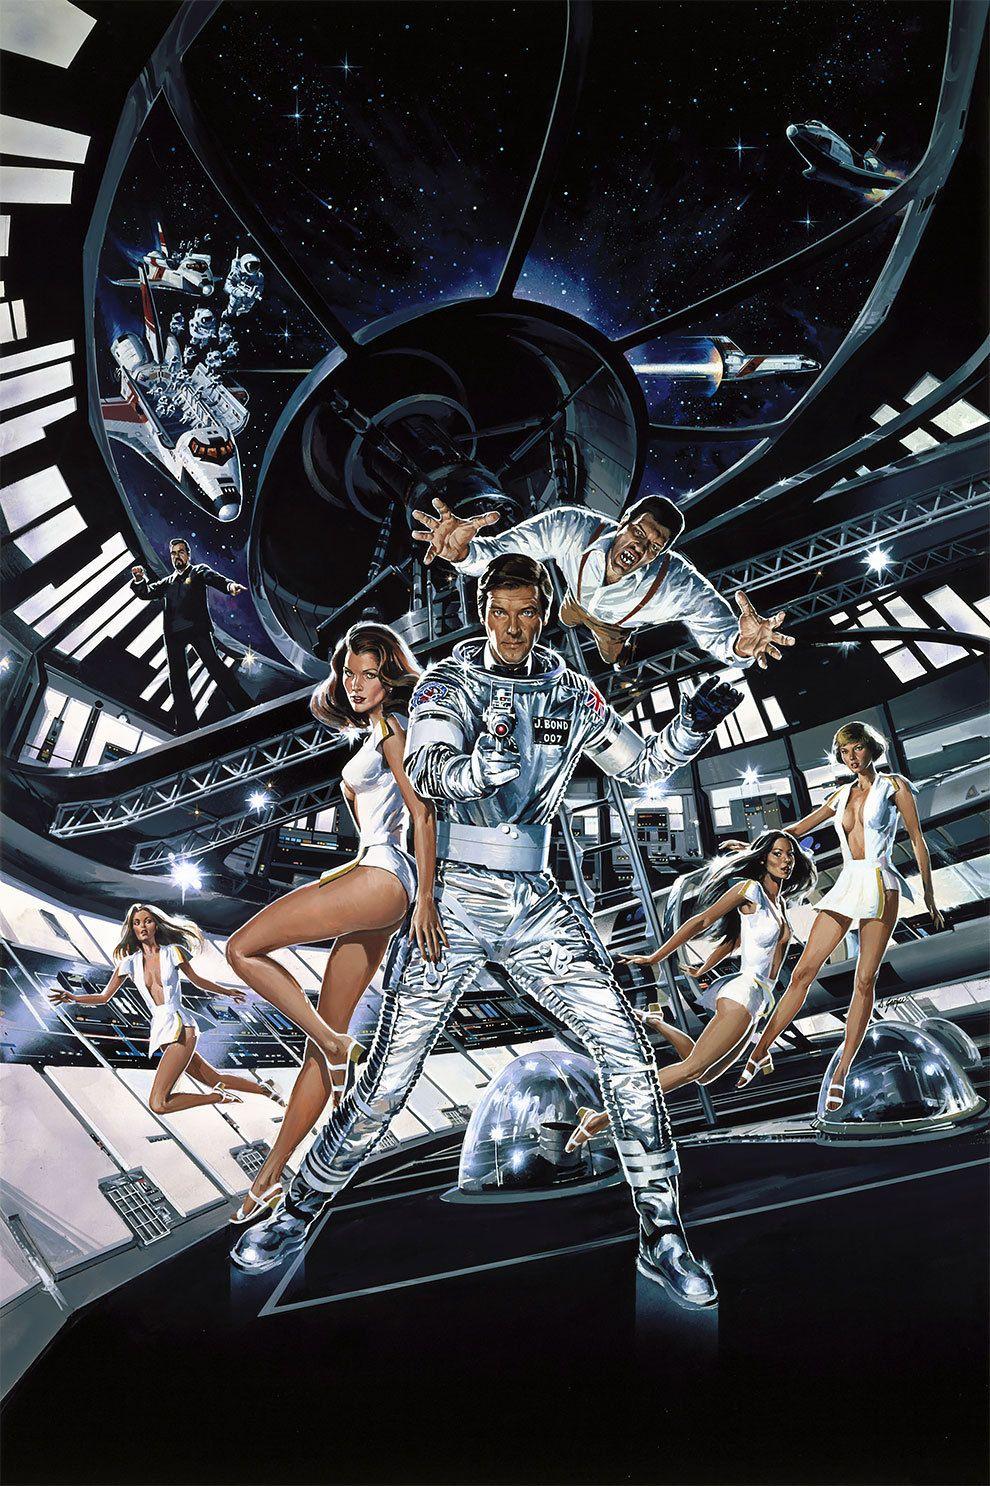 S scifi art artistinspiration pinterest sci fi art sci fi